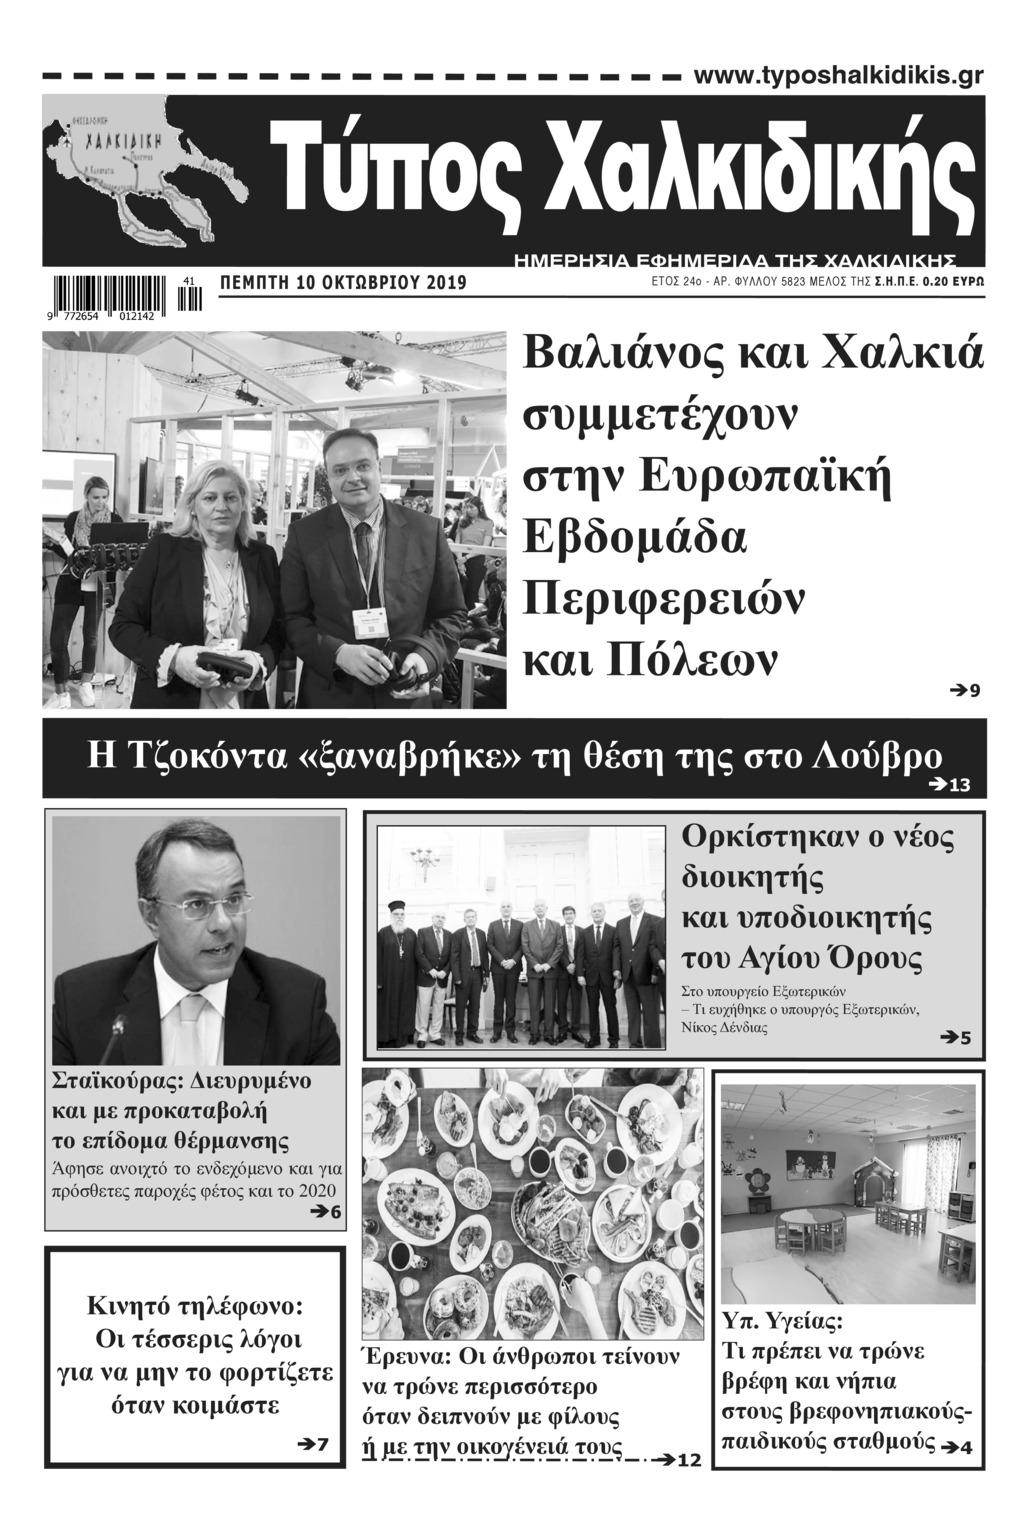 Πρωτοσέλιδο εφημερίδας Τύπος Χαλκιδικής